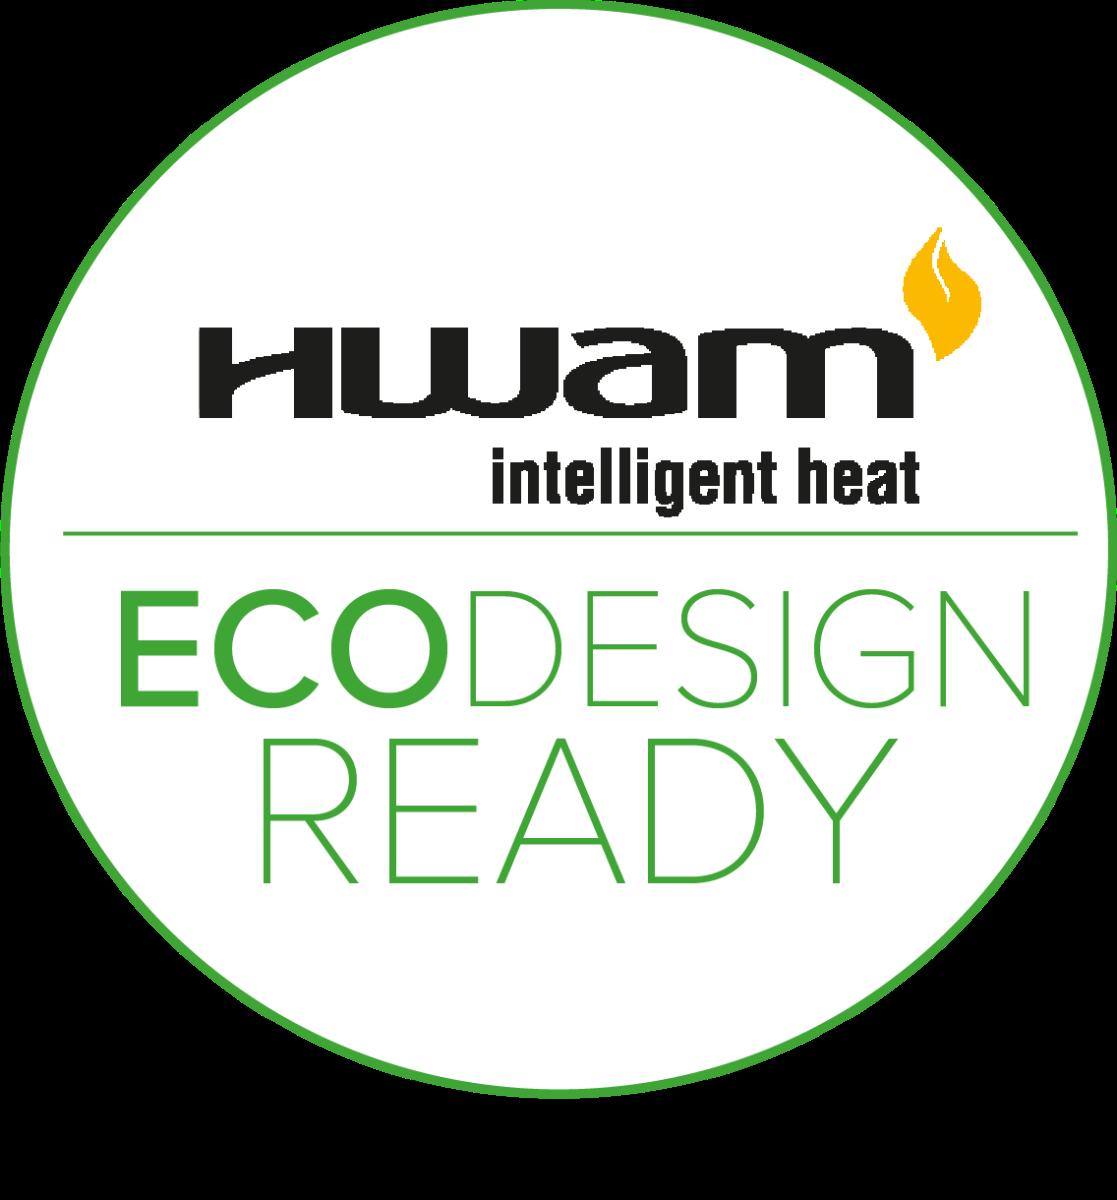 Alla HWAM-modeller är godkända enligt ECODESIGN 2022